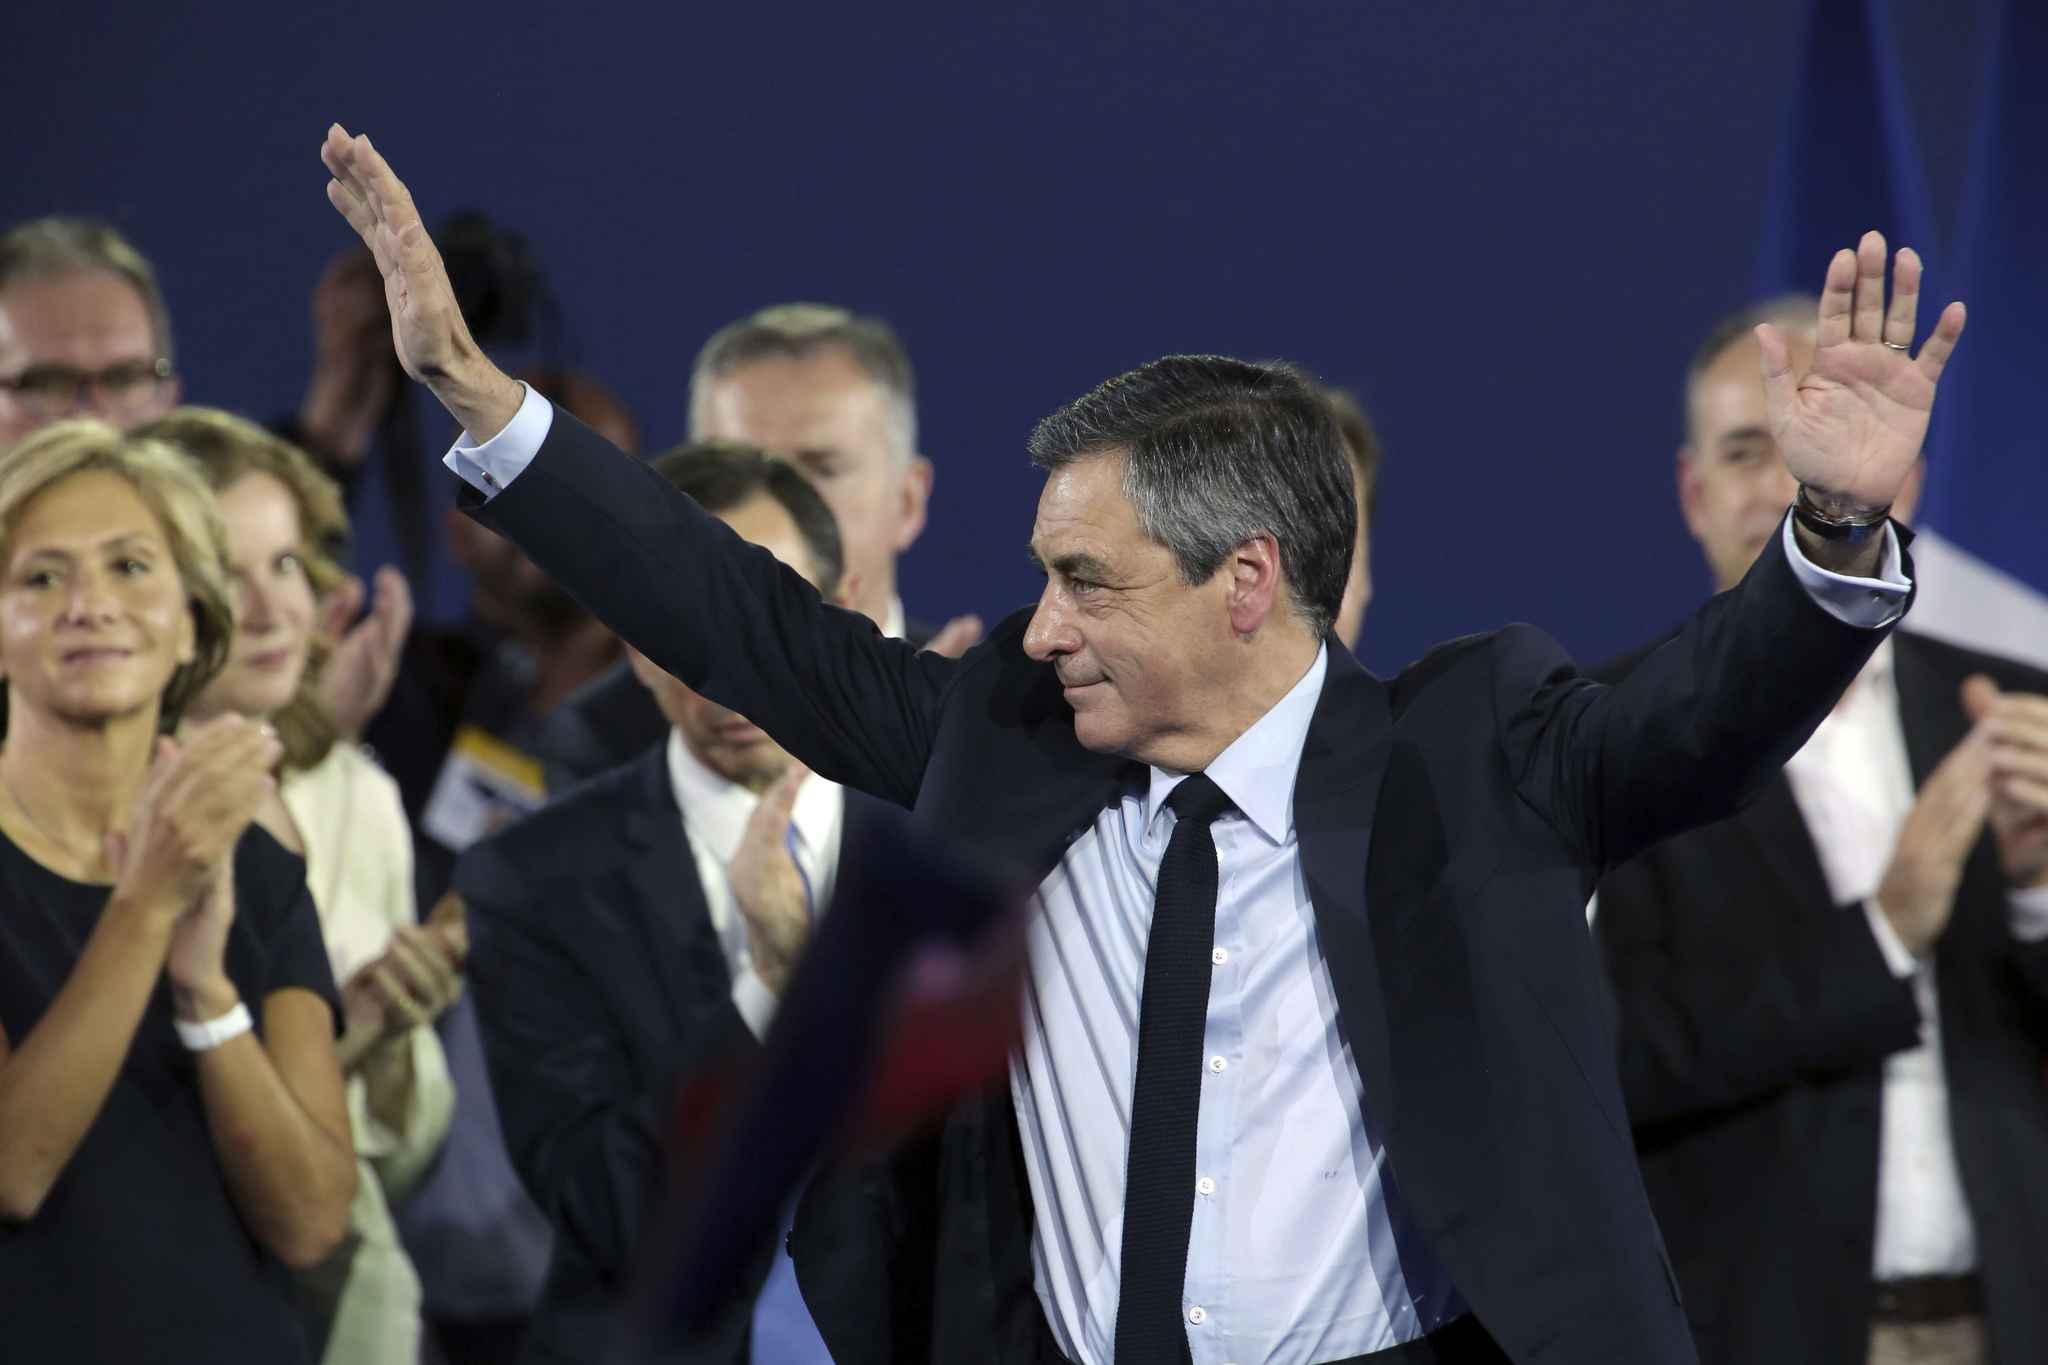 Présidentielle : un sondage donne Mélenchon devant Fillon